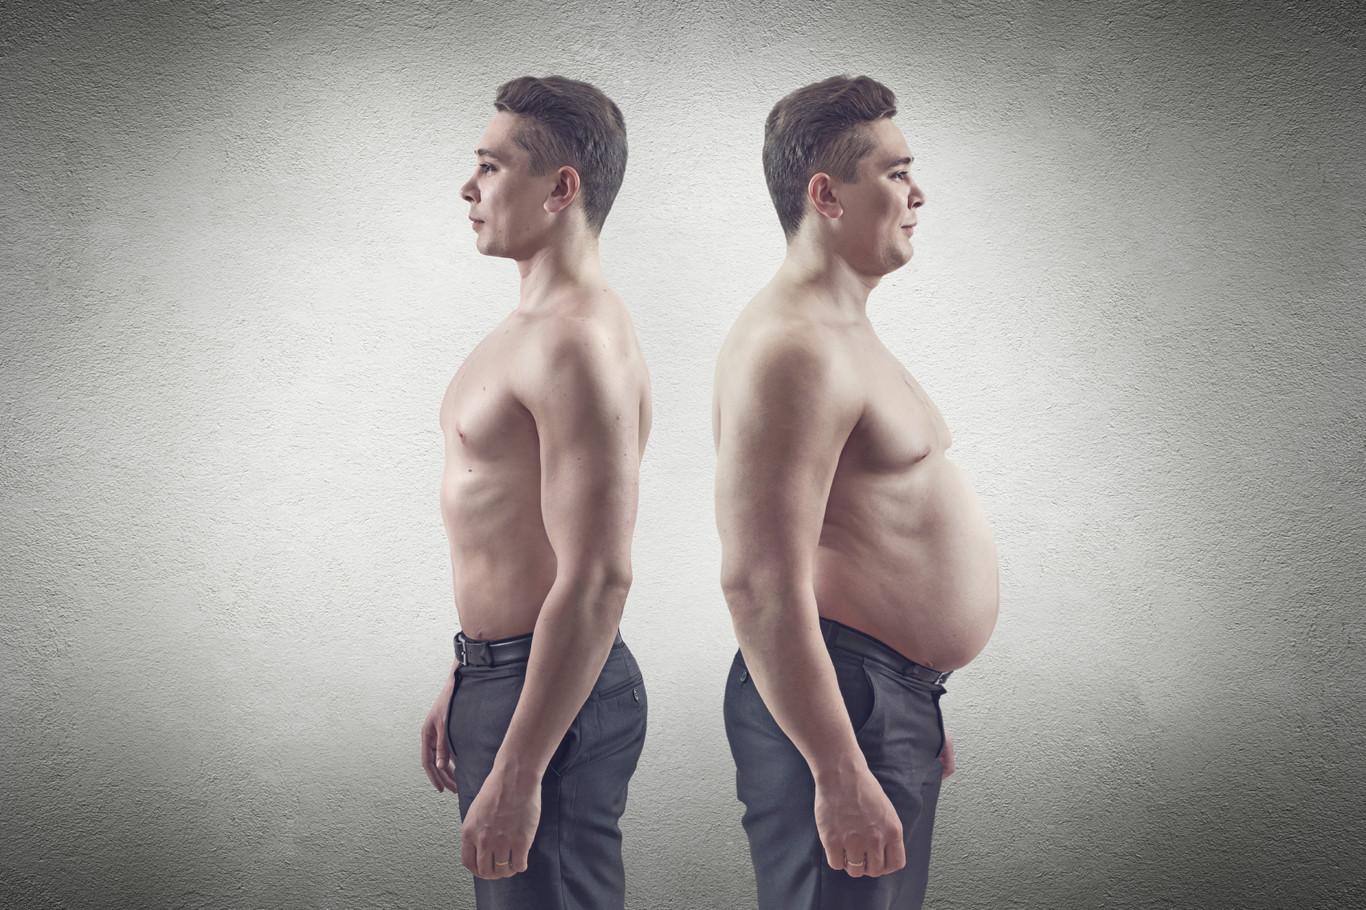 el estres adelgaza o engorda